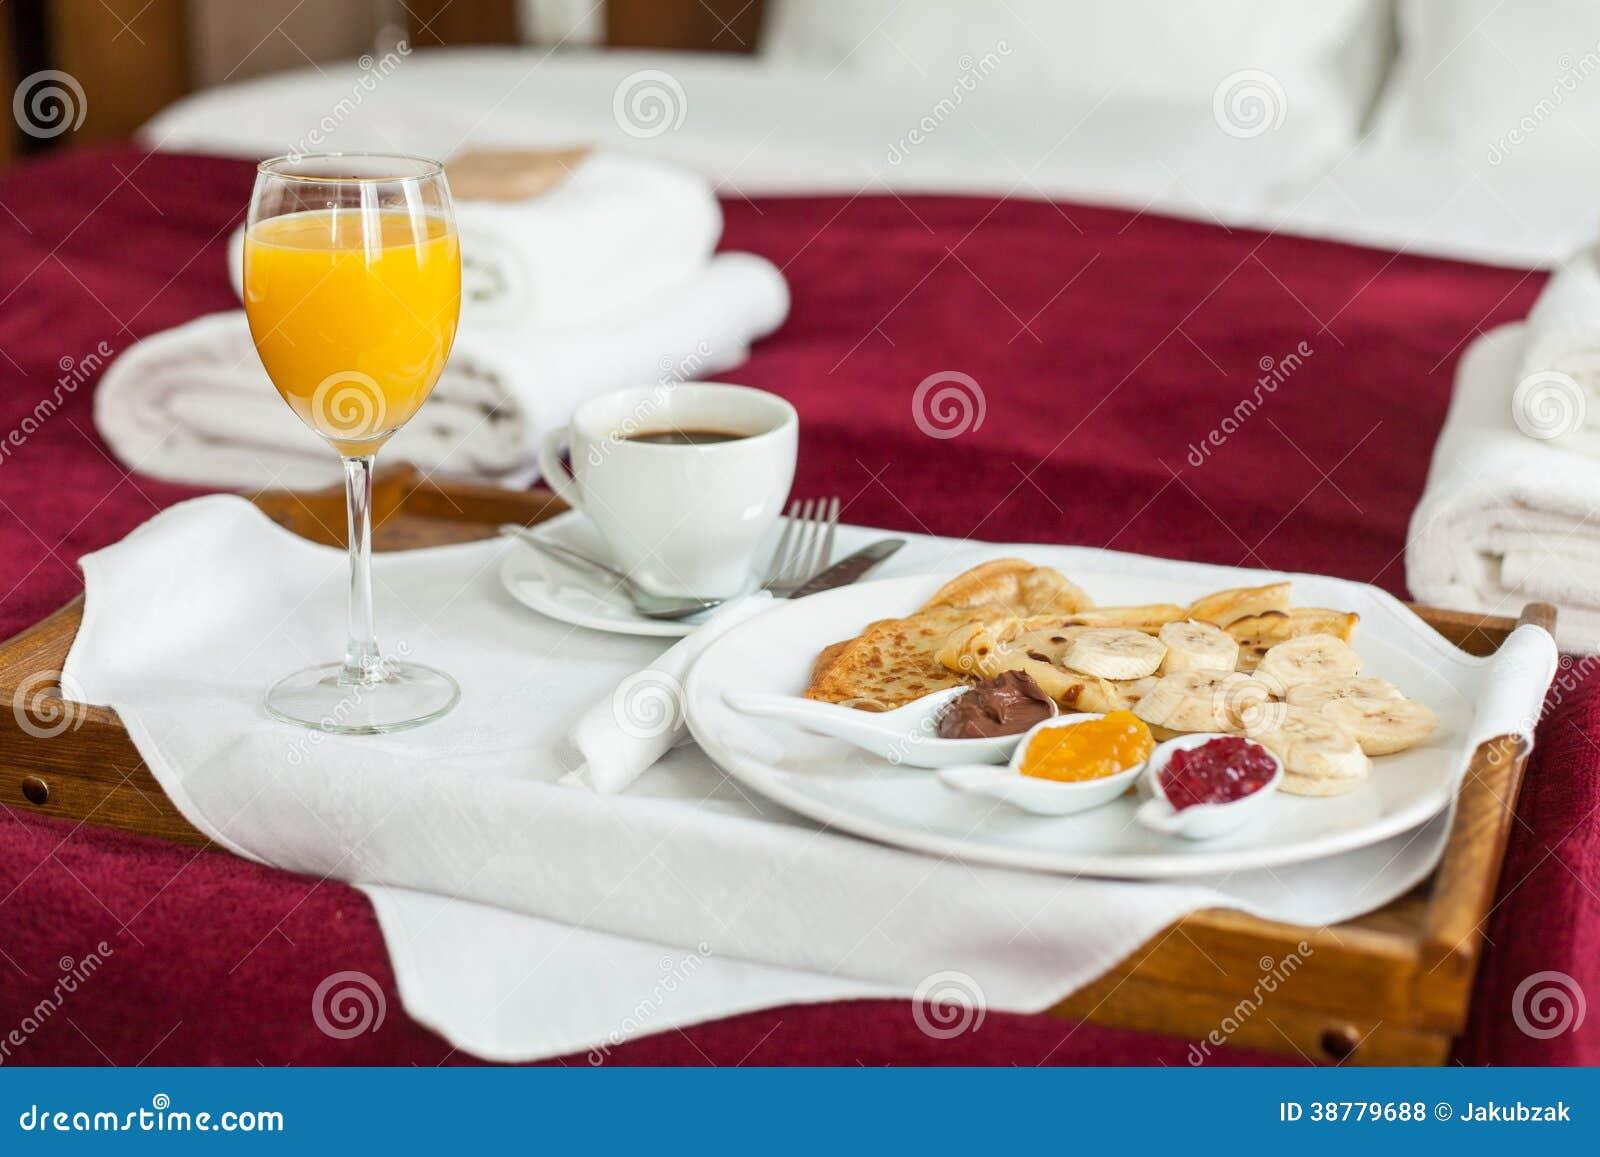 Foto del vassoio con l 39 alimento di prima colazione sul - Vassoio da letto colazione ...